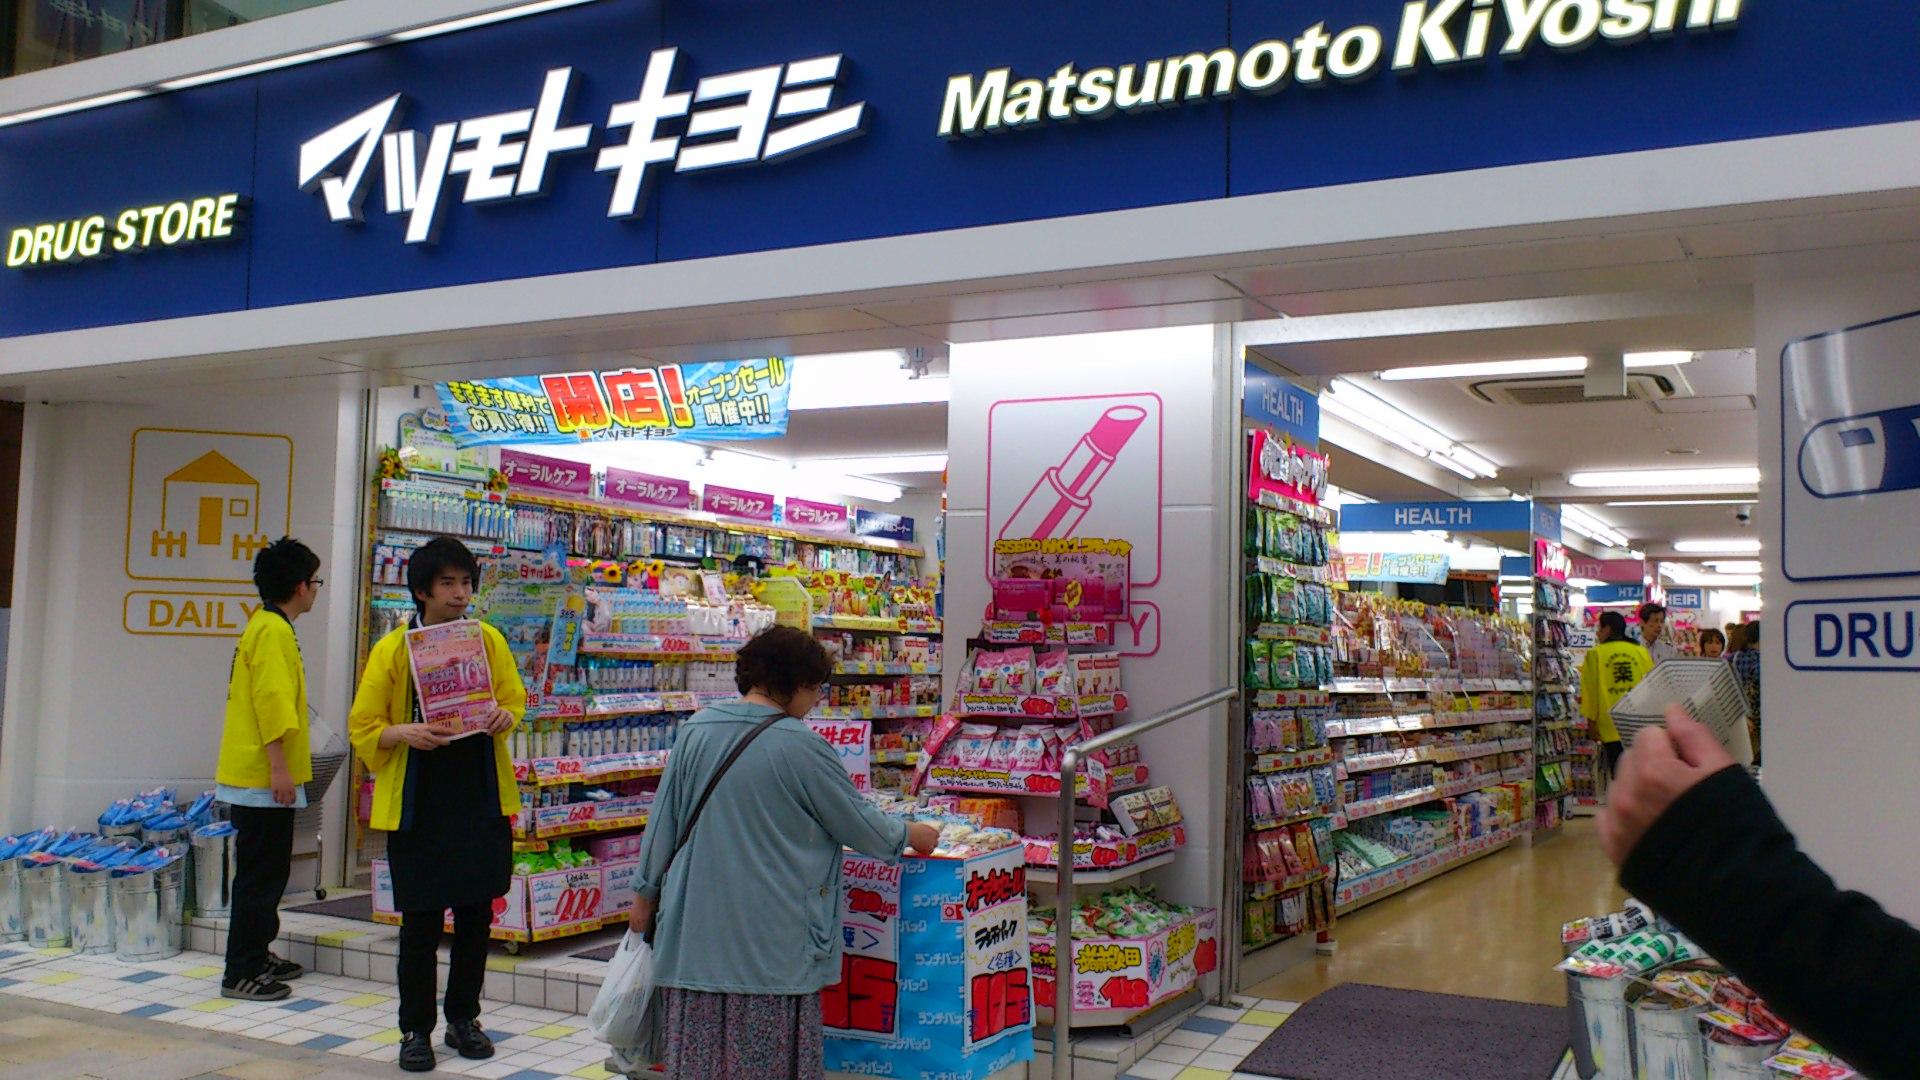 マツモトキヨシ 青山店